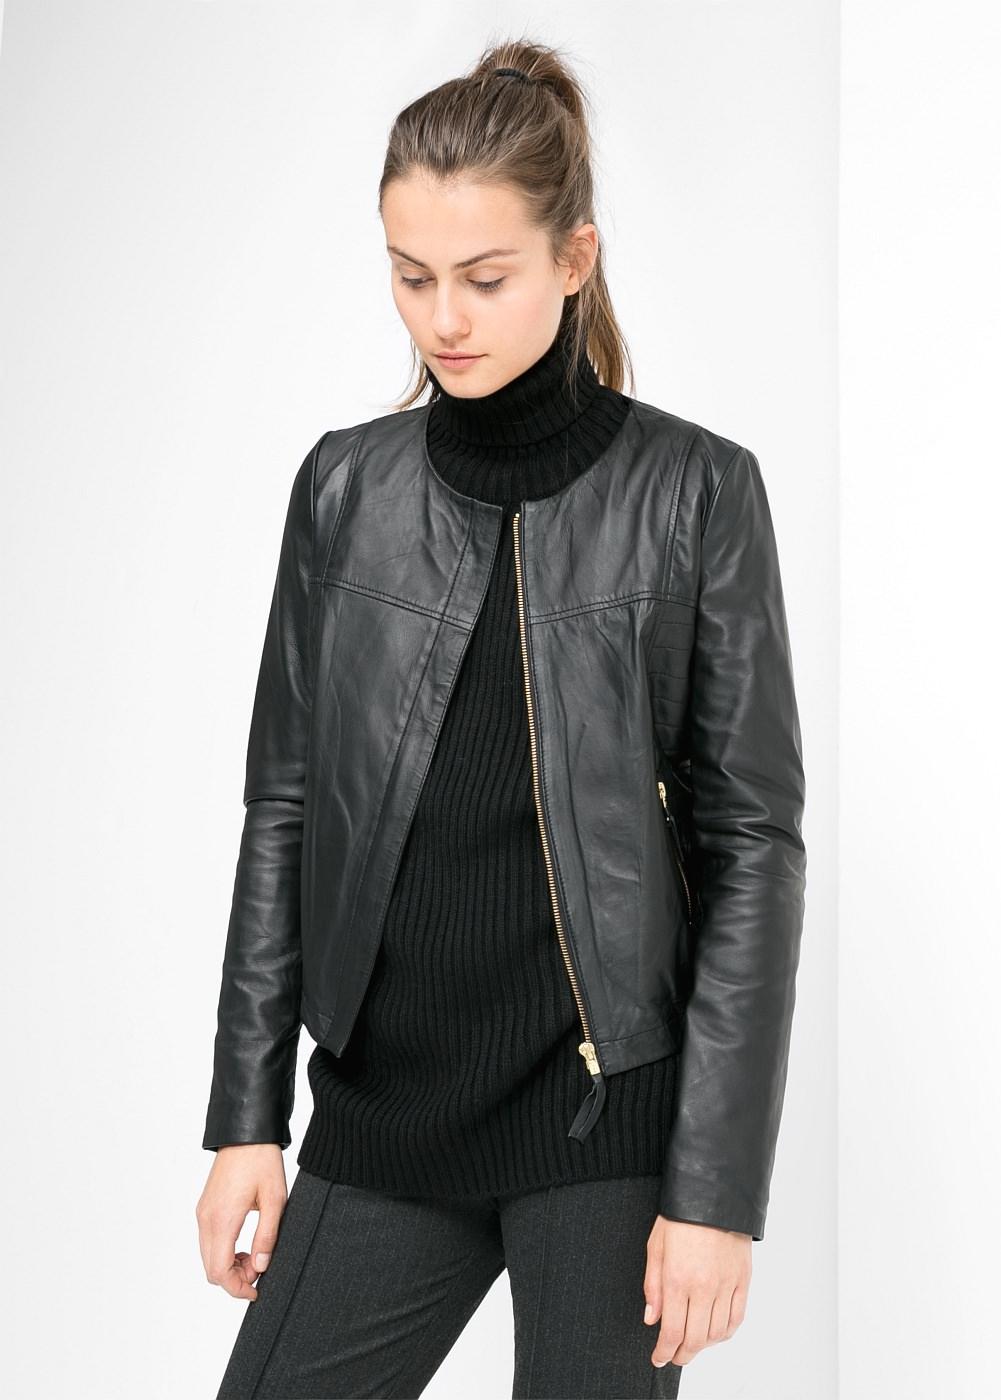 Mango  Leather Bomber Jacket  ($190)